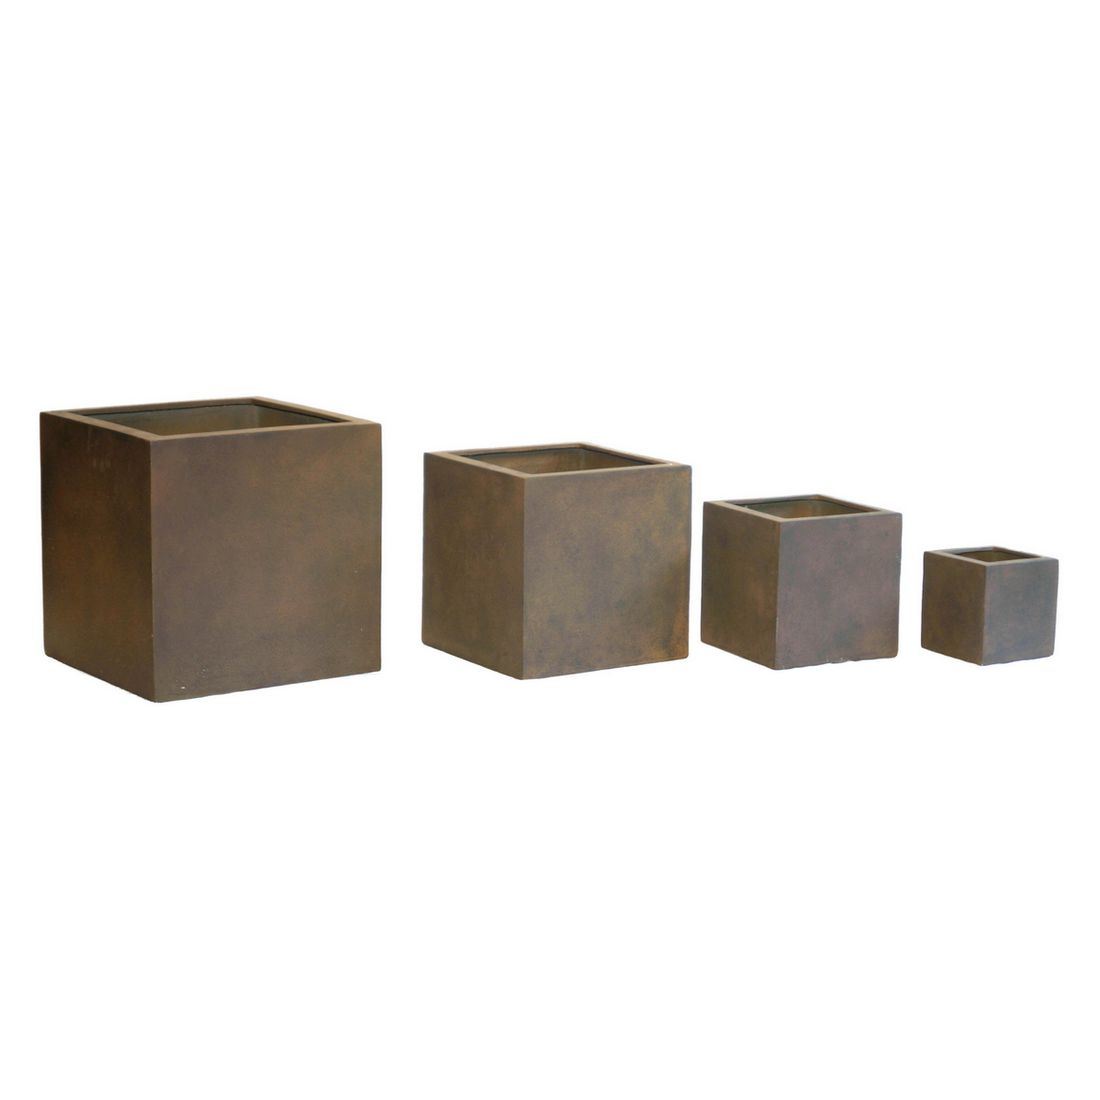 pflanzk bel rusty iron kunststoff modern eckig normal. Black Bedroom Furniture Sets. Home Design Ideas